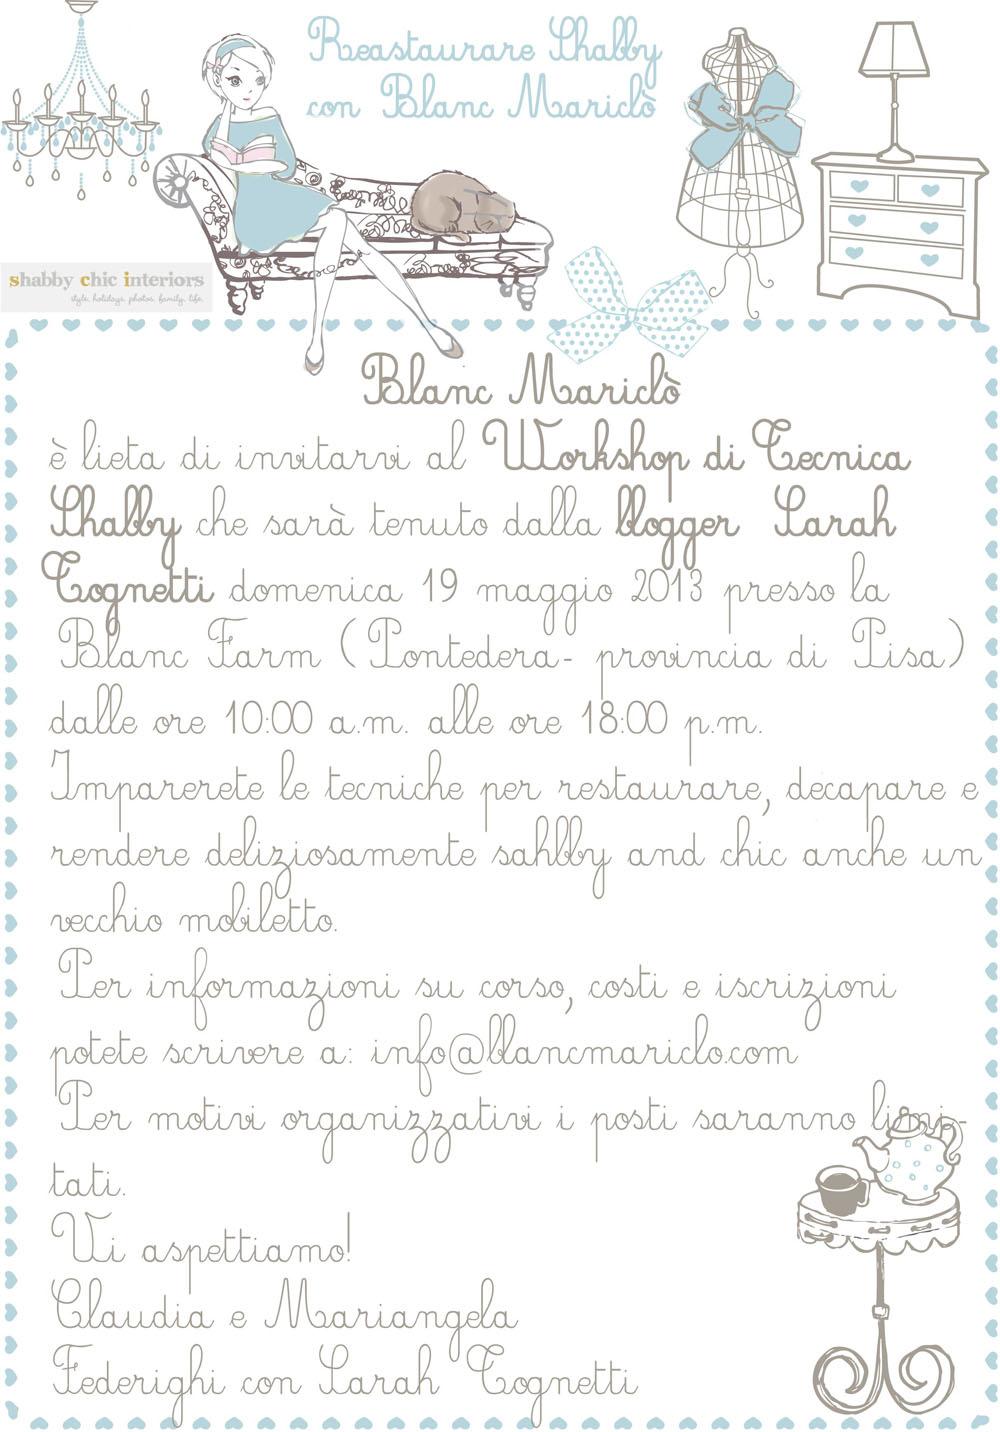 Tecniche Di Shabby Chic.Workshop Di Tecnica Shabby In Toscana Shabby Chic Interiors